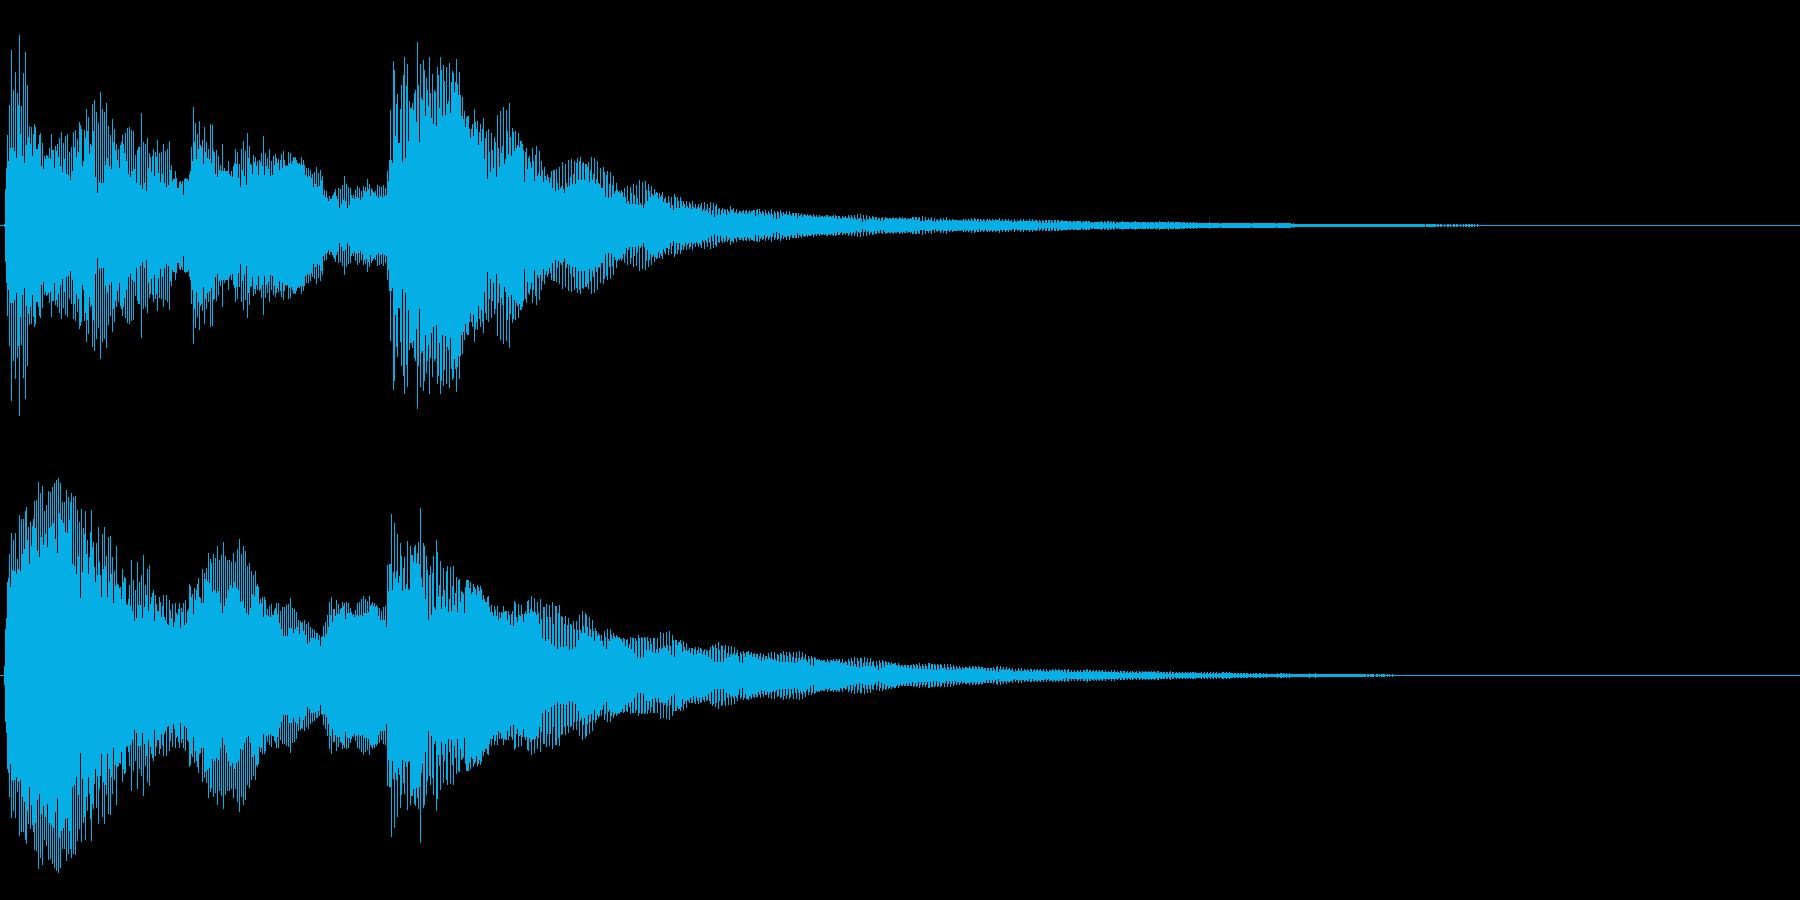 始まりのジングル の再生済みの波形